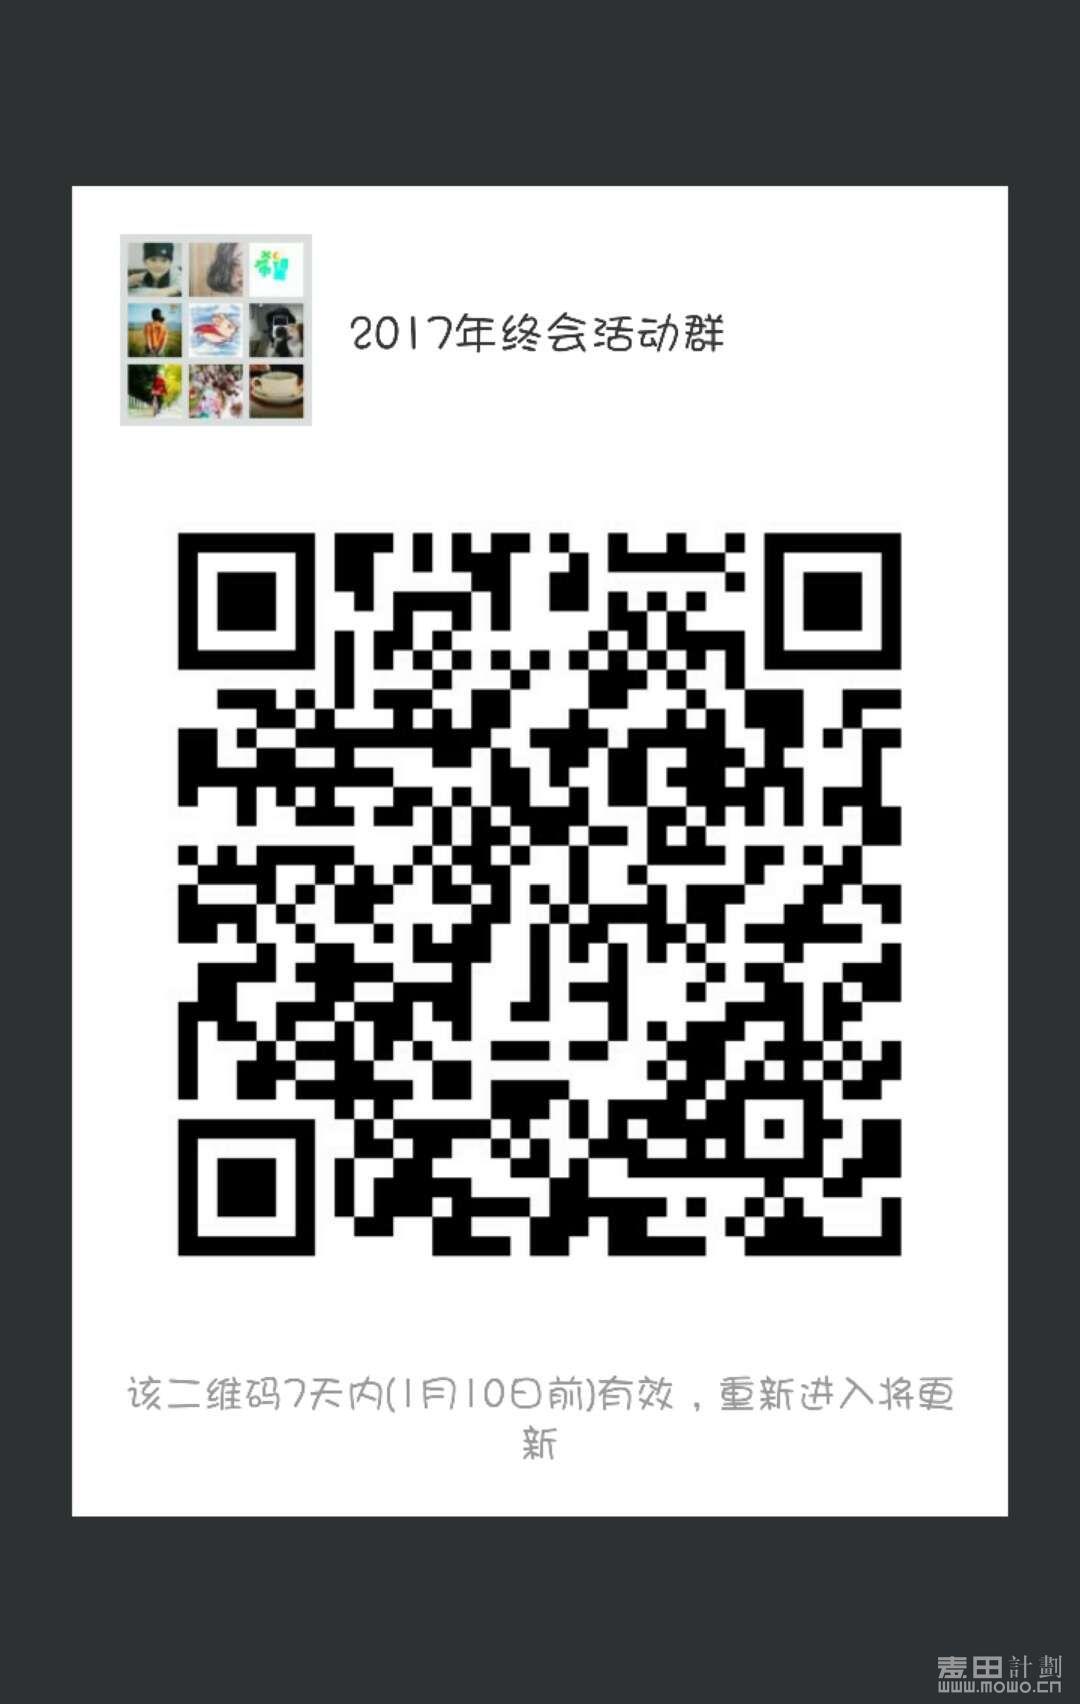 微信图片_20180103212042.jpg